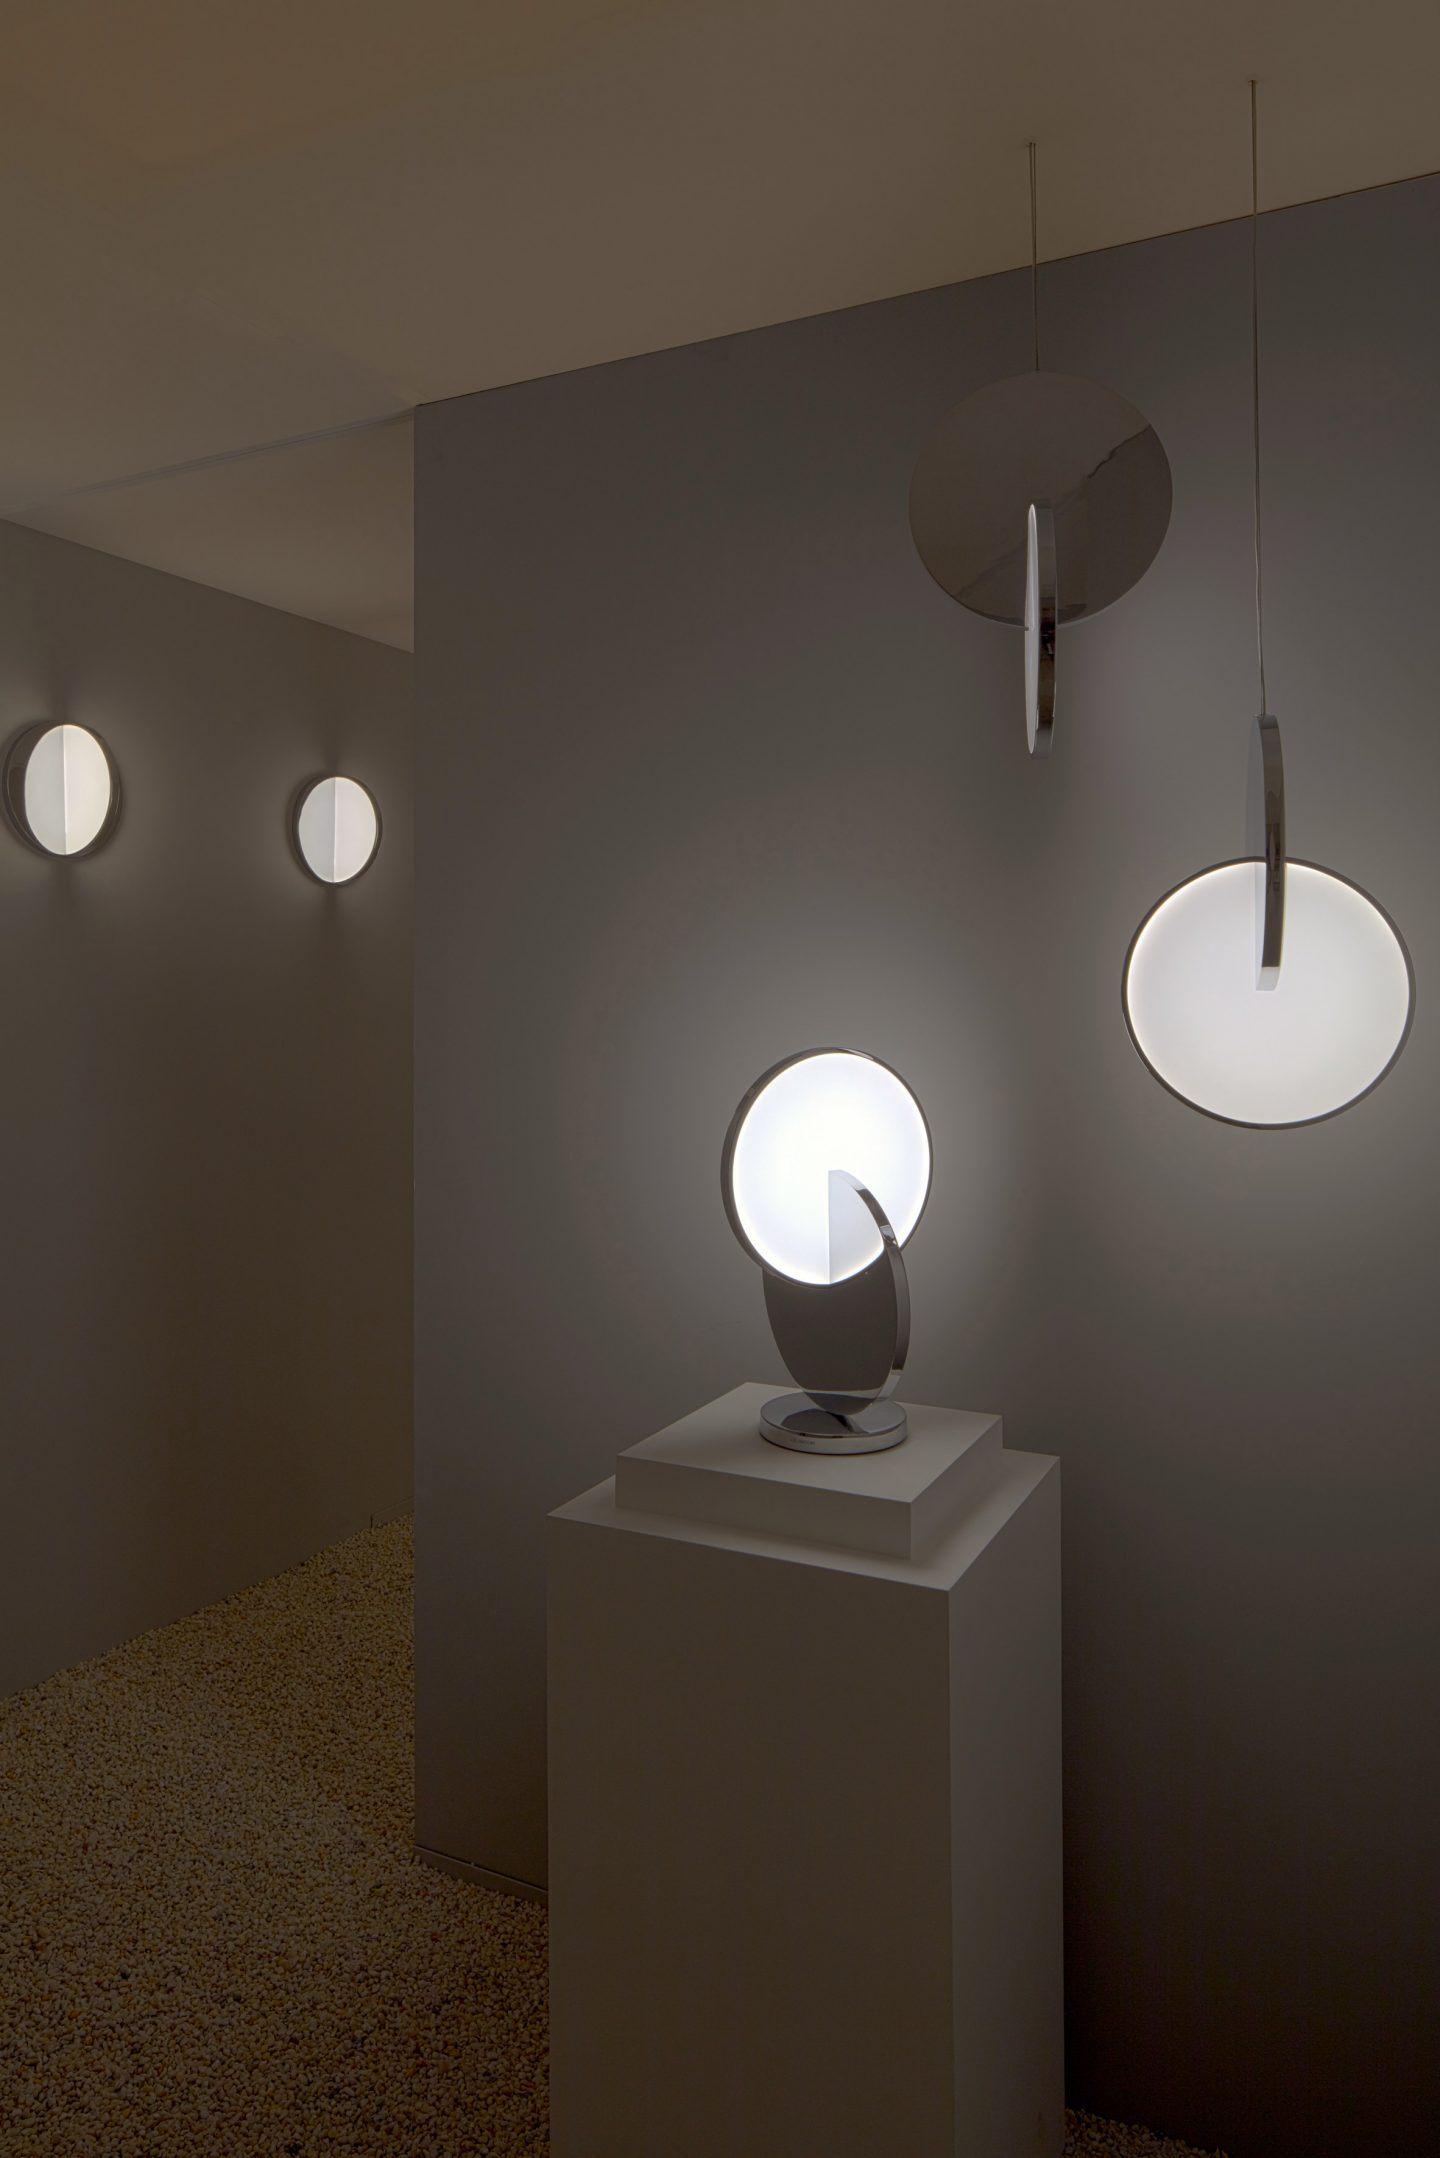 IGNANT-Design-Lee-Broom-Park-Life-11